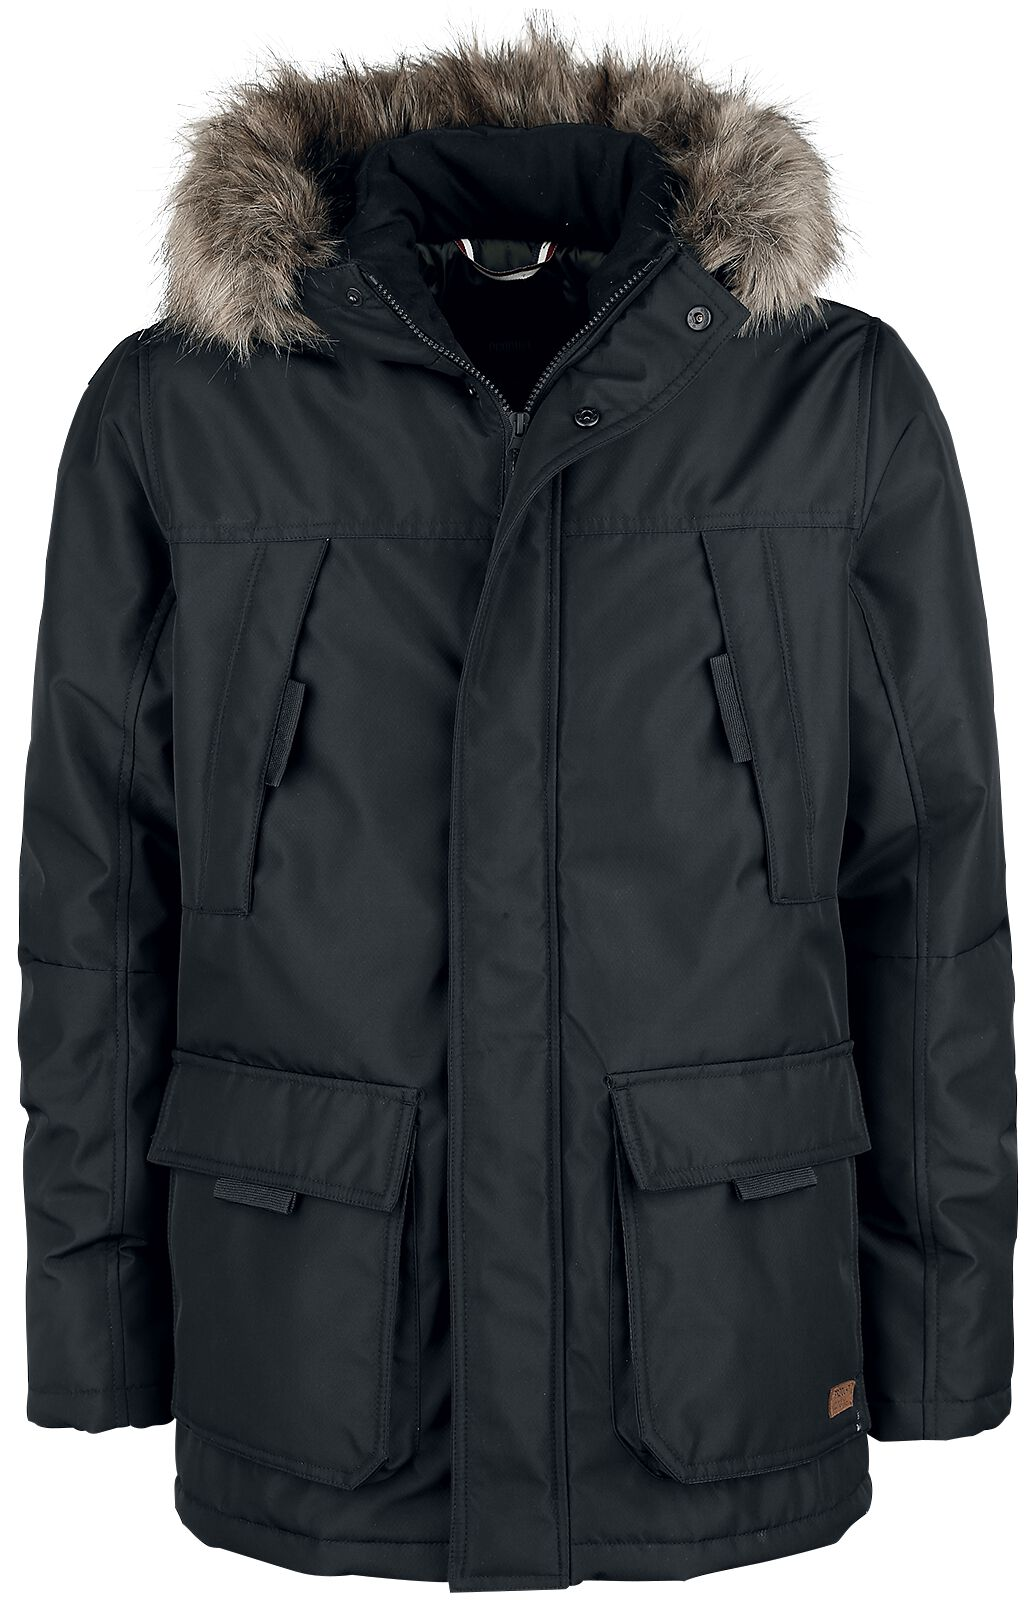 Marki - Kurtki - Kurtka zimowa Produkt Split Parka Jacket Kurtka zimowa czarny - 354953